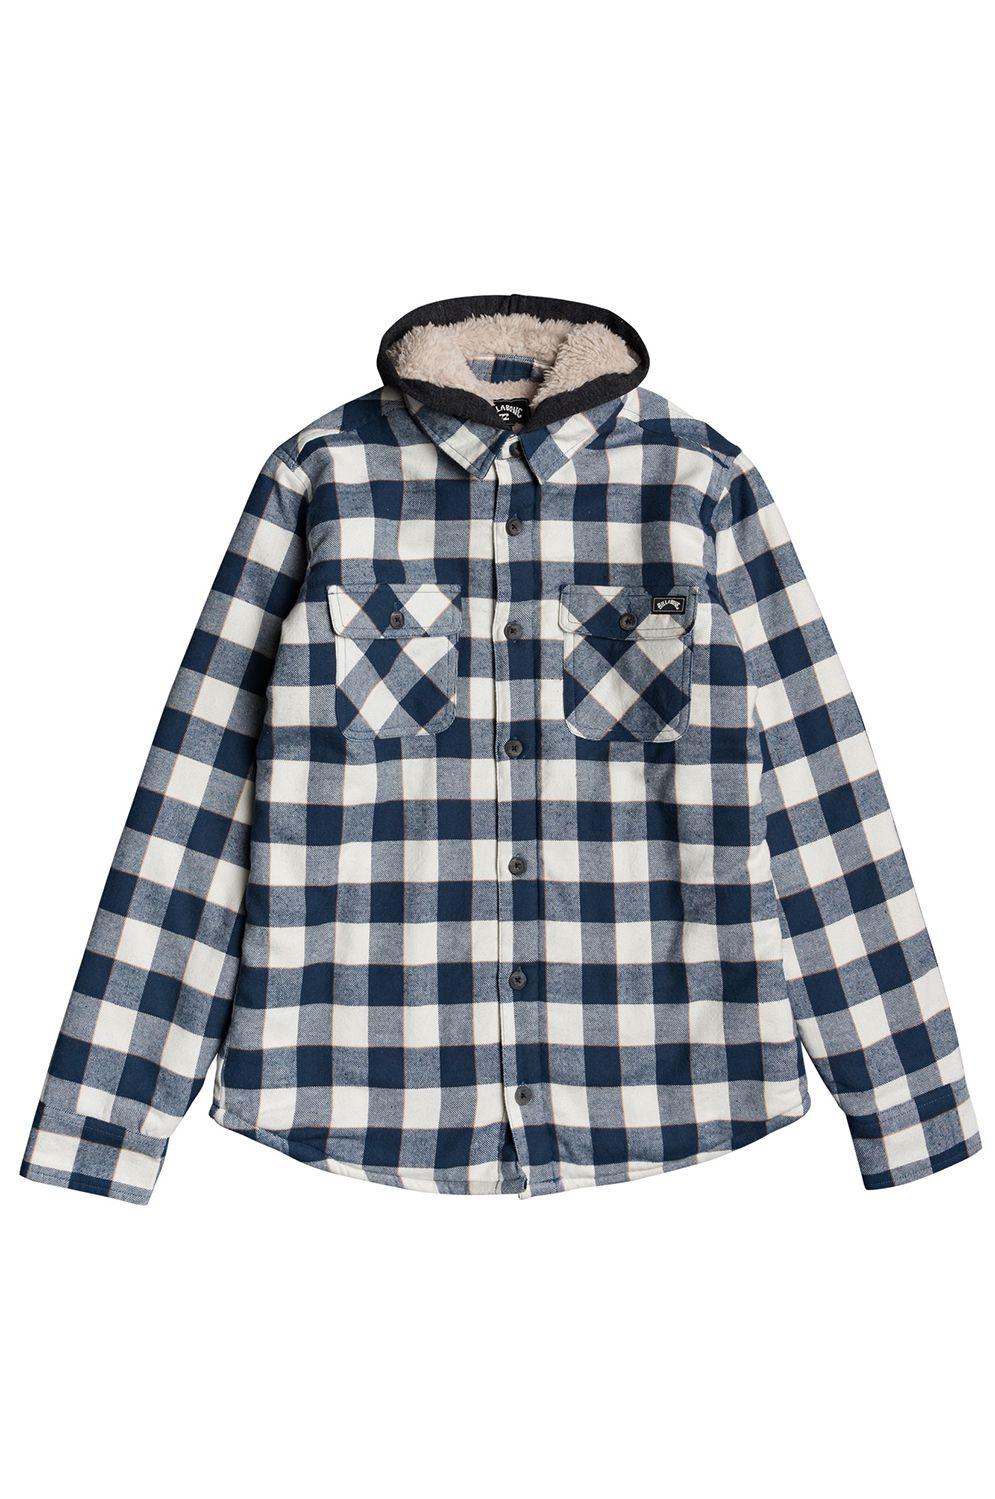 Camisa Billabong ALL DAY SHERPA BOYS Birch